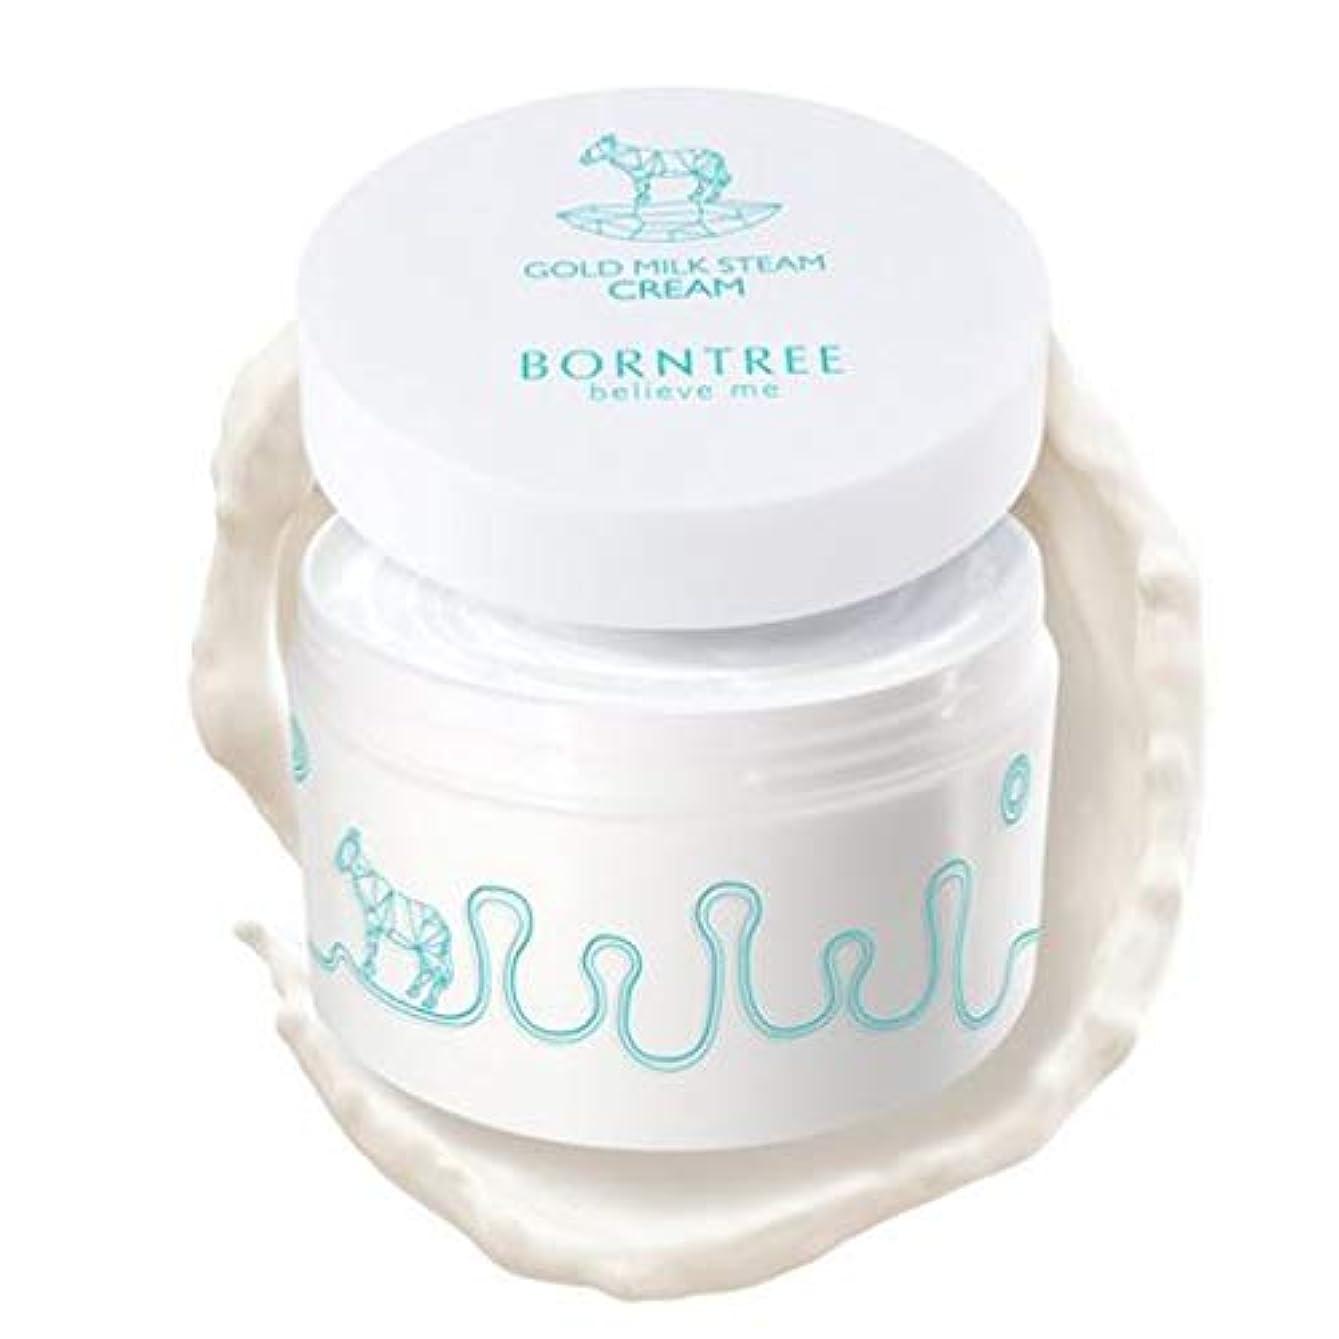 唇ブリークライオネルグリーンストリート[BONTREE] 本ツリーゴールドミルク大容量のタンパク質水分クリーム 200g/子供から大人まで使用可能/低刺激クリーム/ヤギミルク抽出物含有並行輸入品]